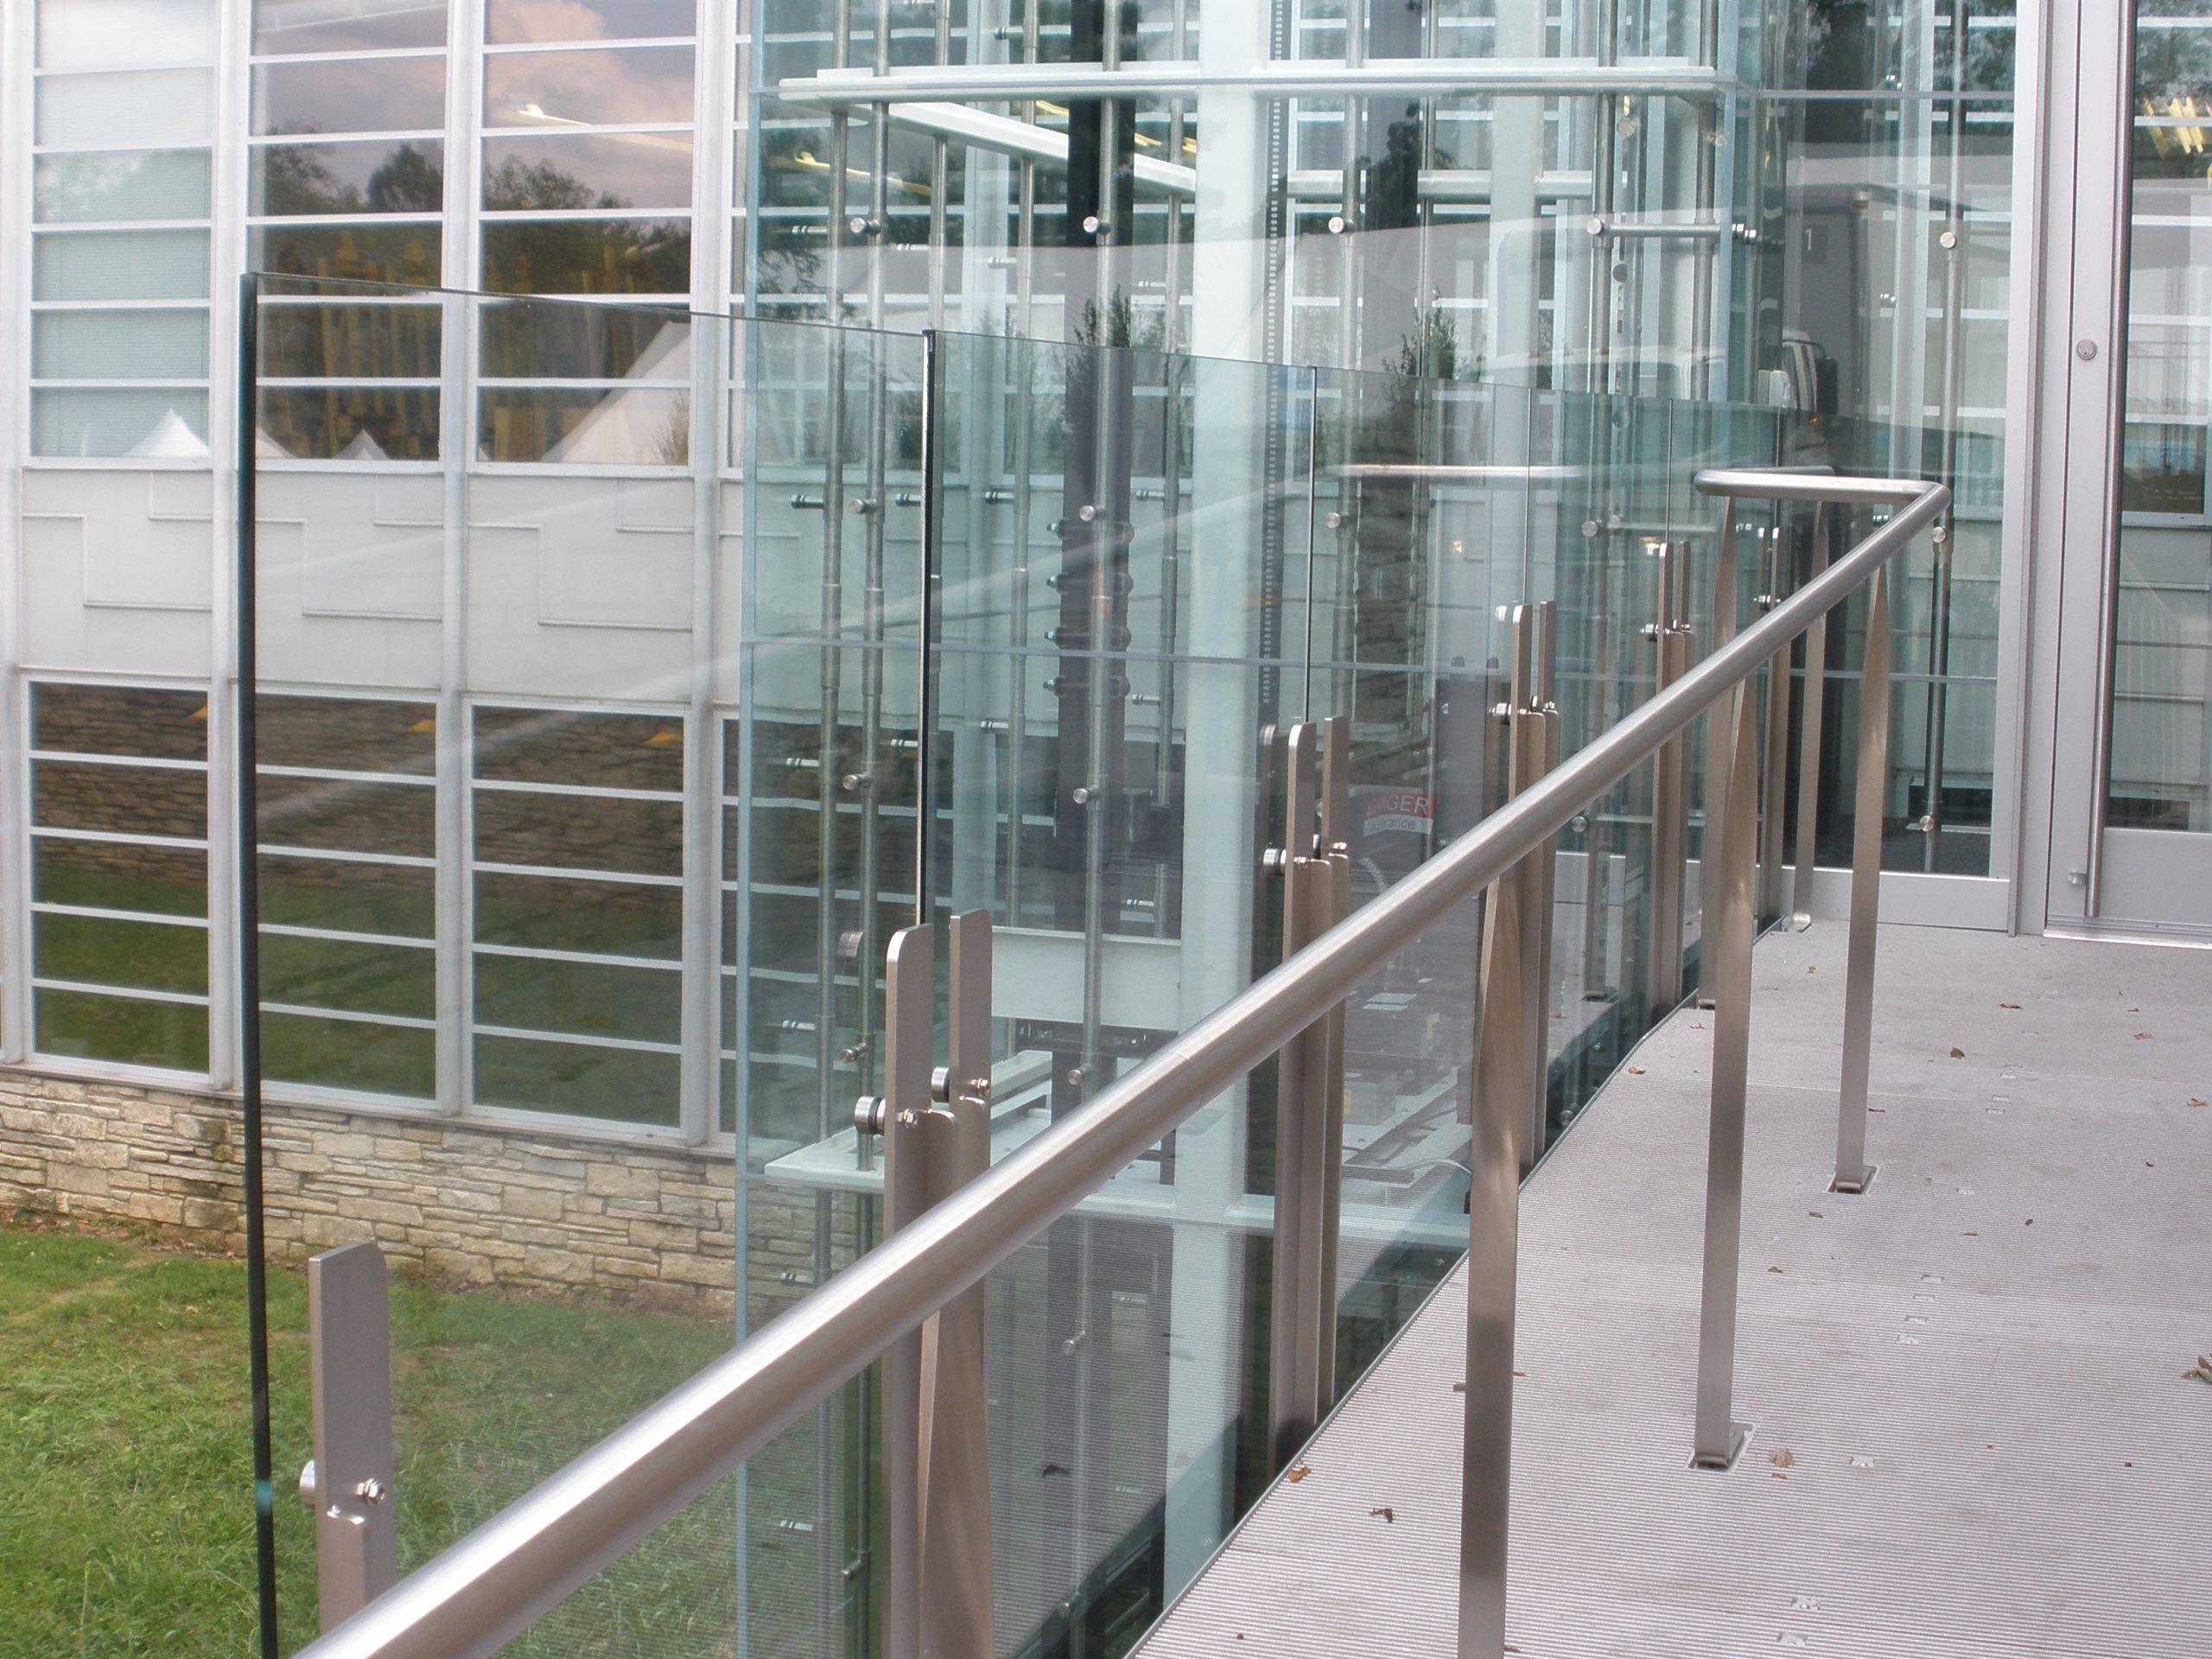 Des Moines Art Center Entrance & Accessibility Improvements